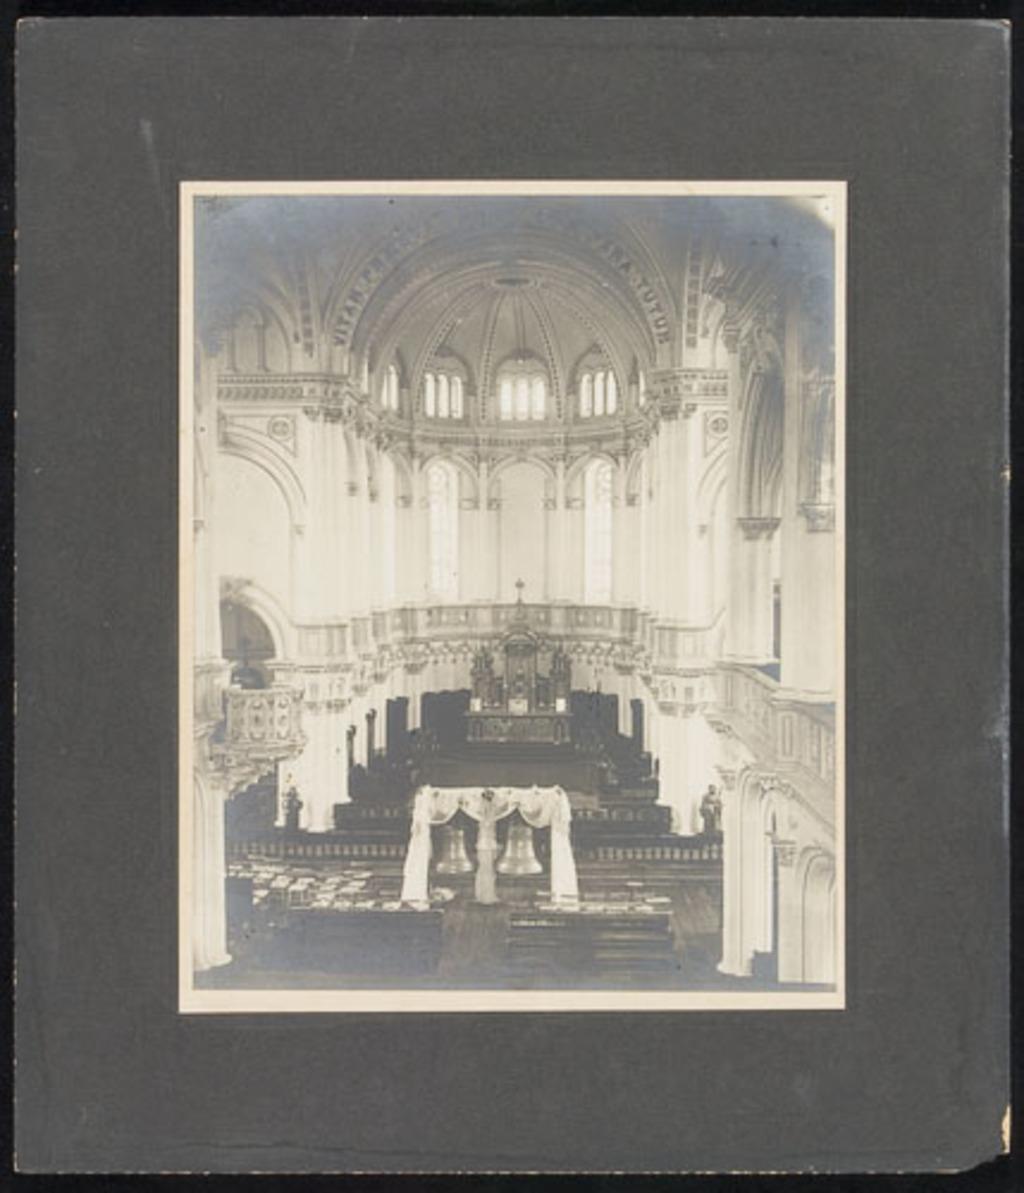 Bénédiction de cloches dans une église